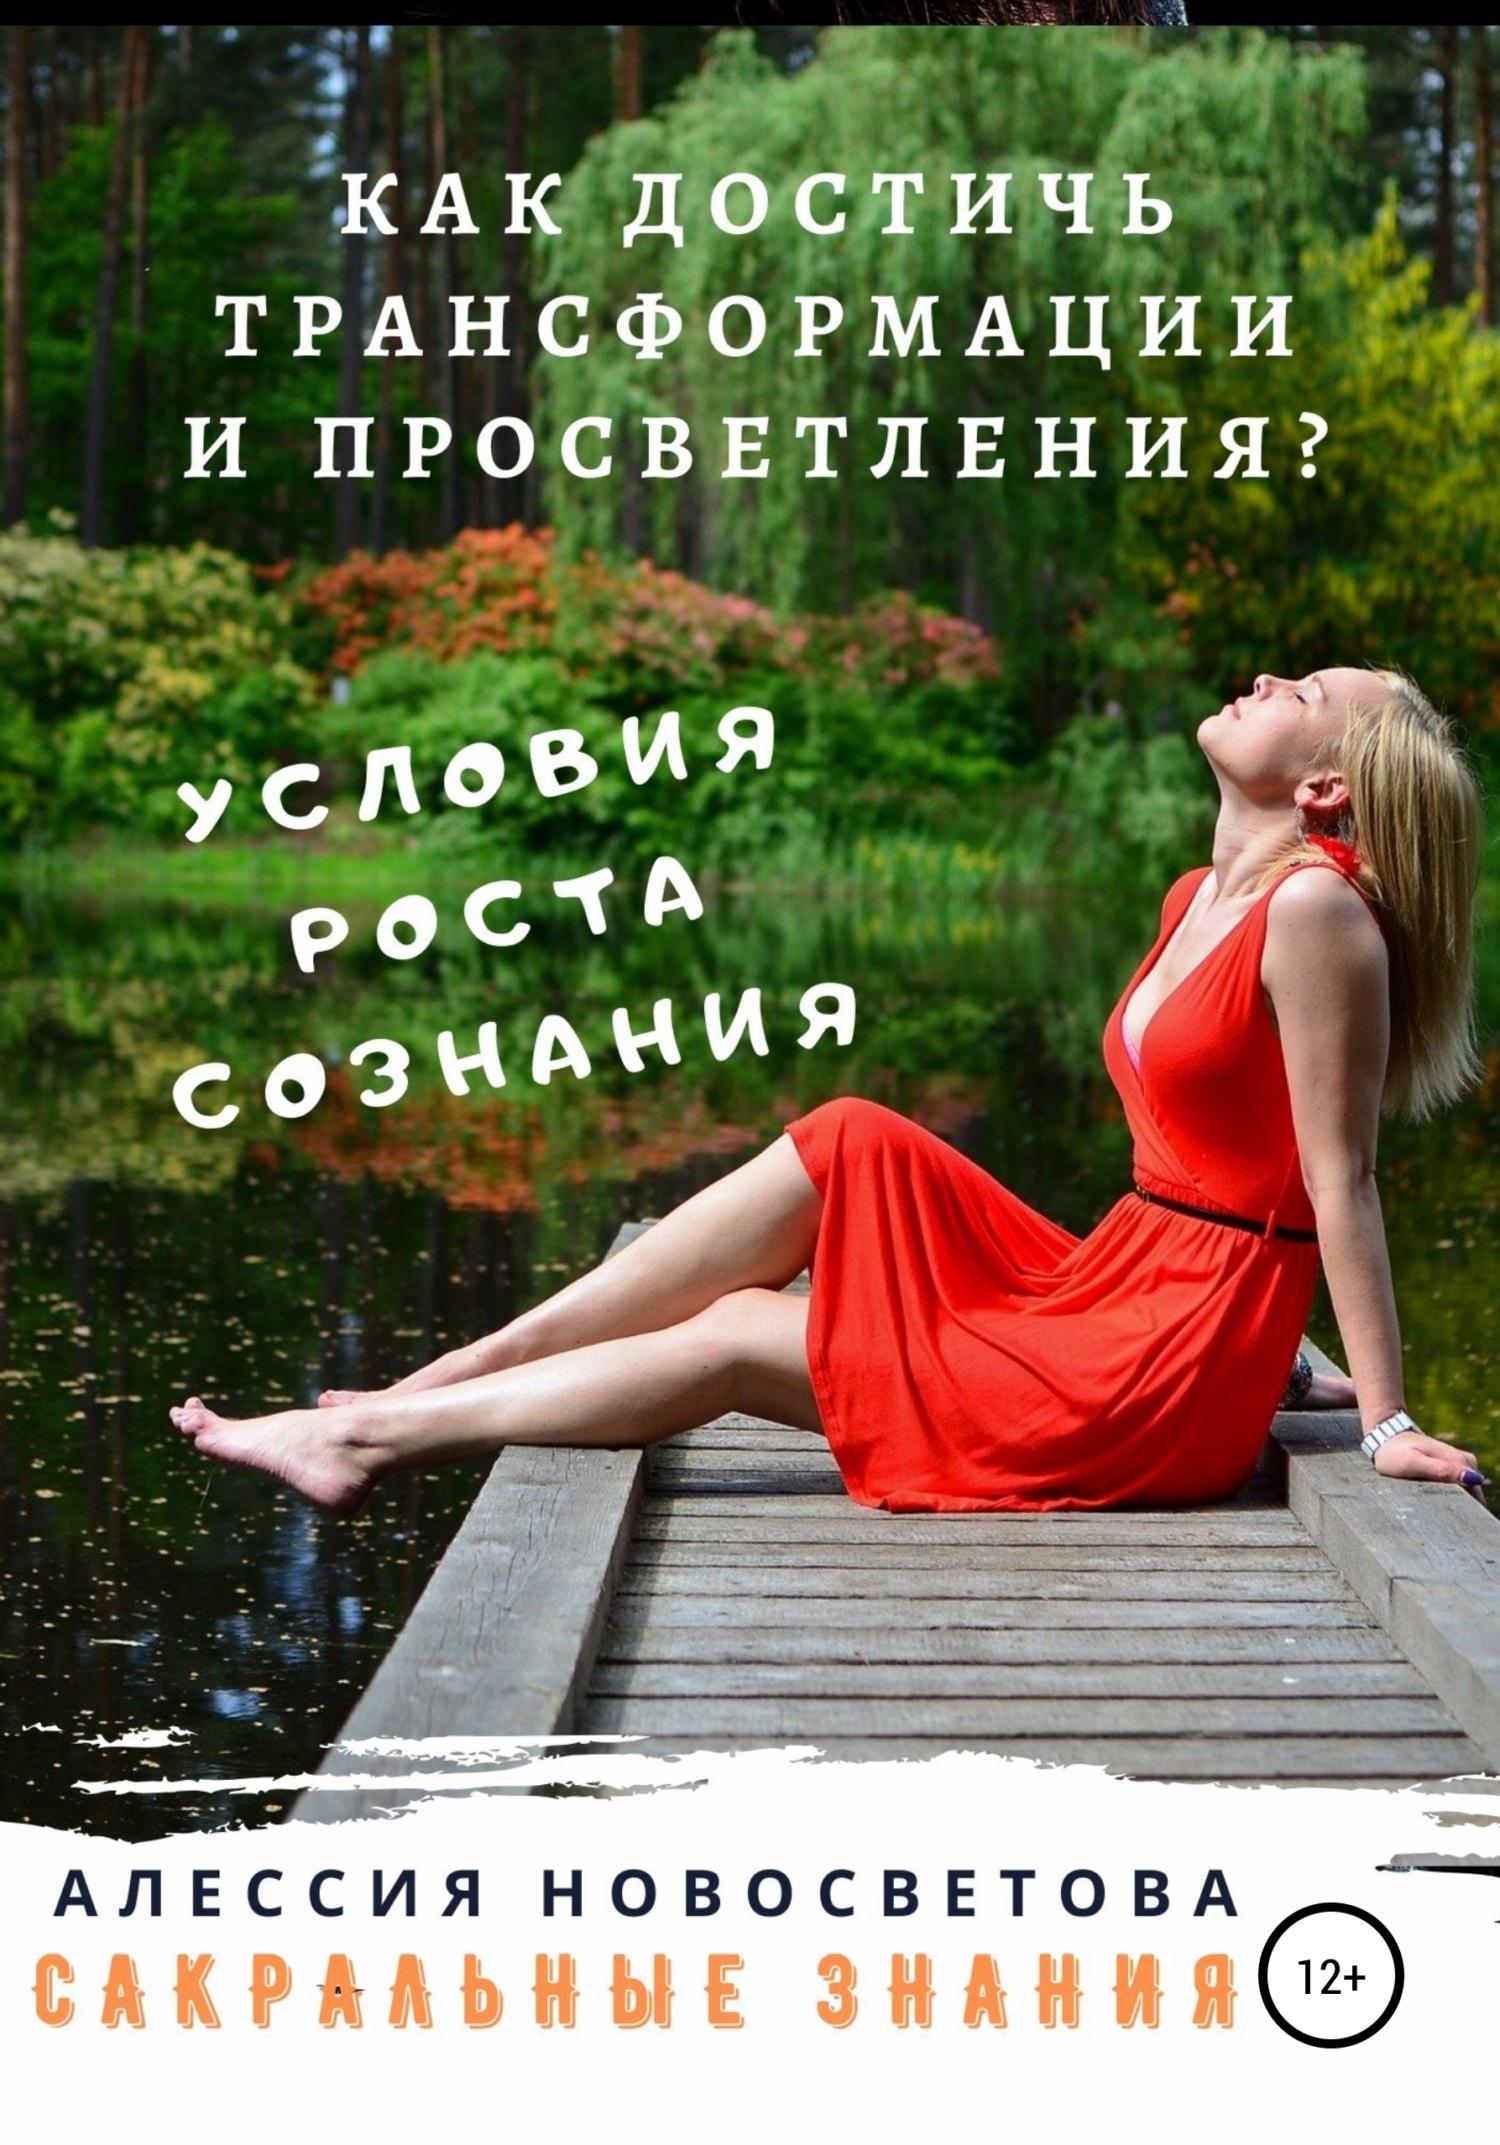 Алессия Новосветова - 21 условие для роста сознания. Пробуждение, трансформация и богореализация